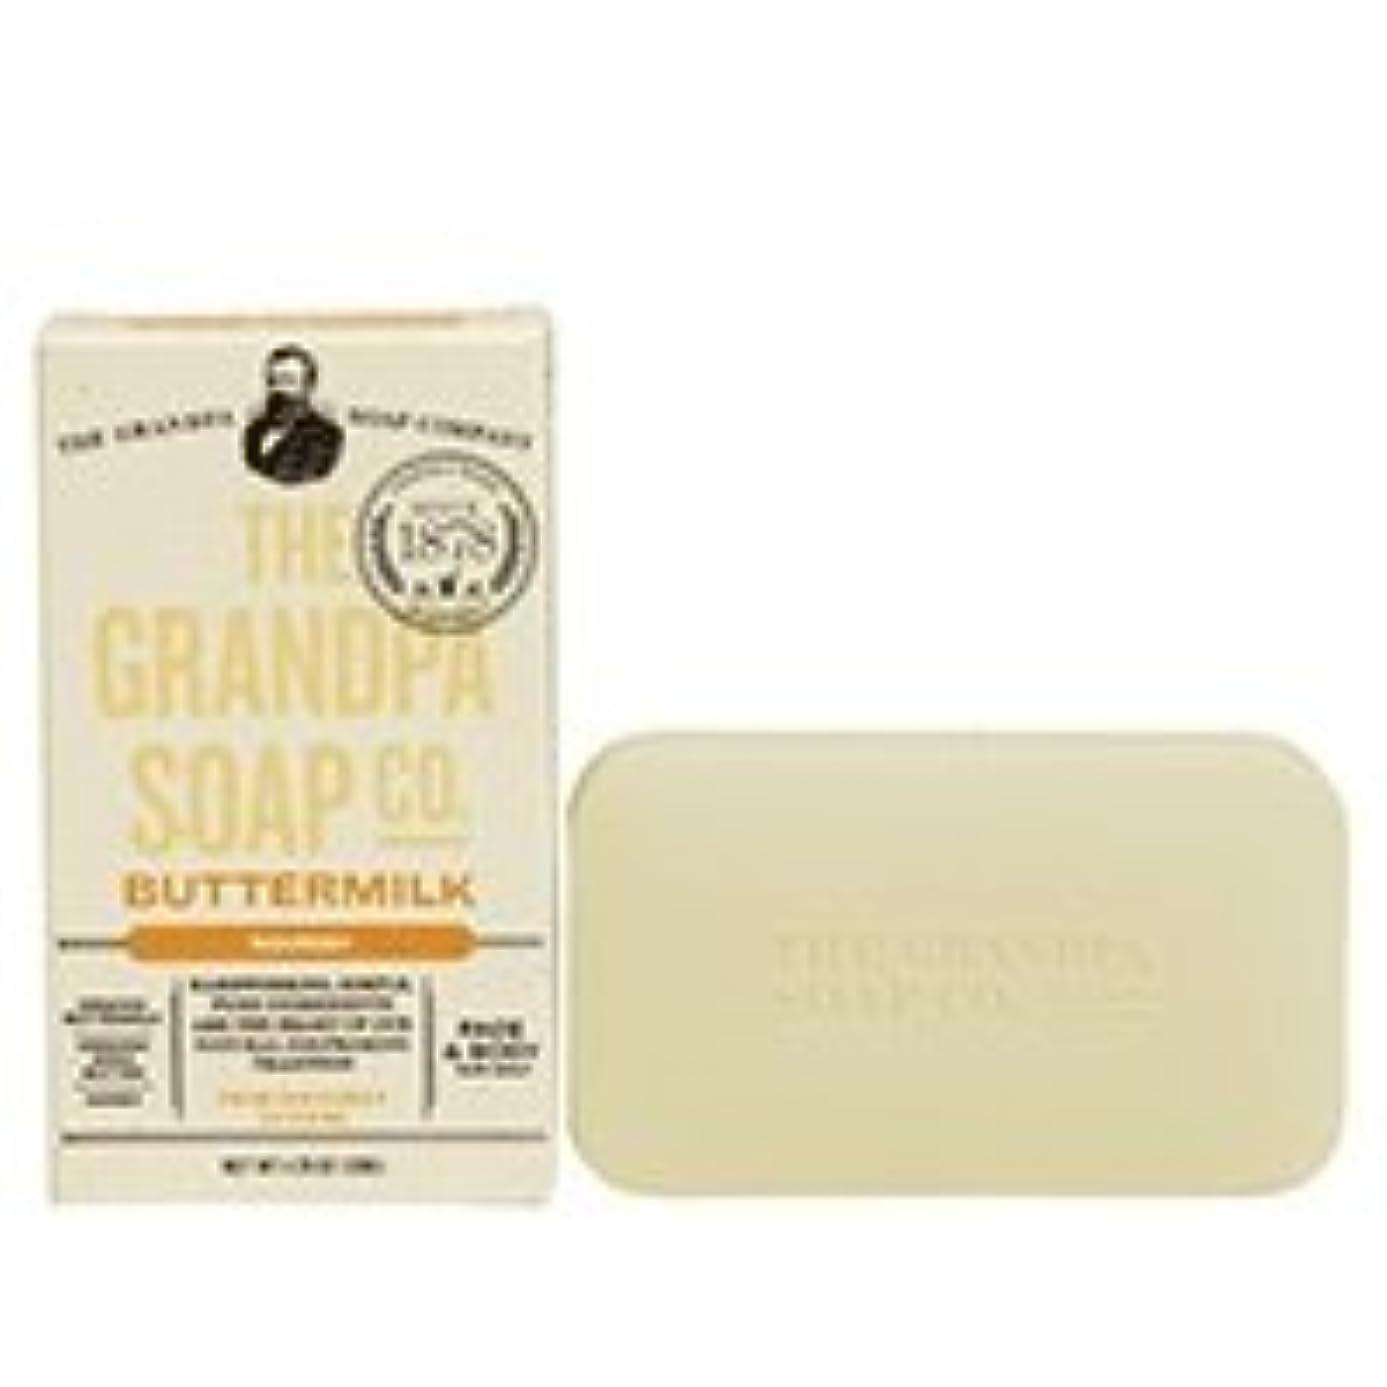 着実に国民投票医療のグランパ バターミルクナリッシュソープ 3.25oz(約92g)3個